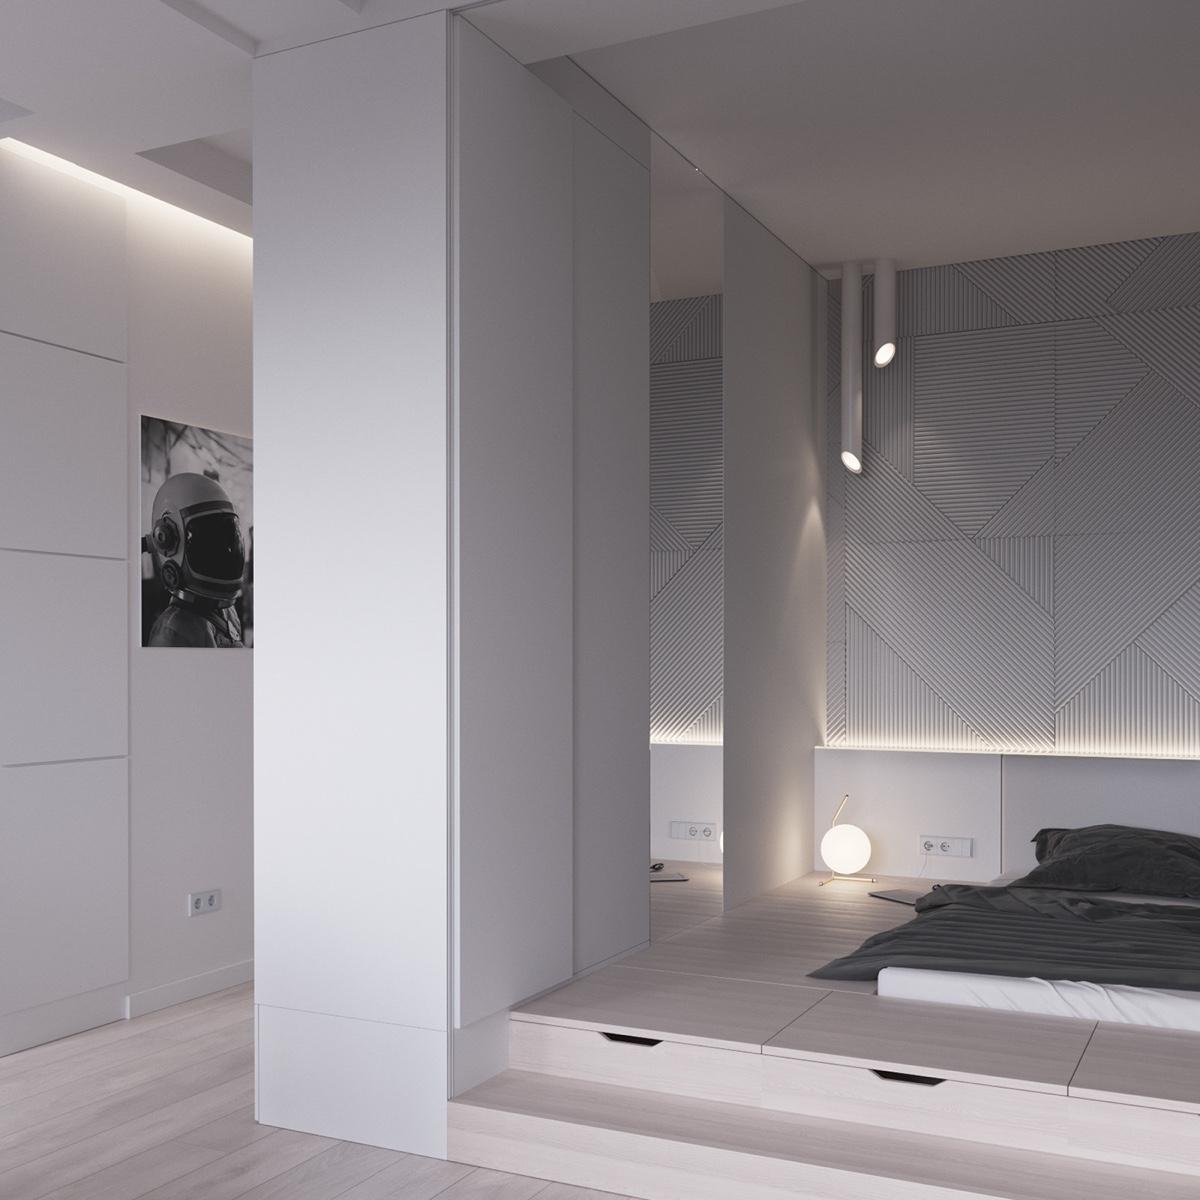 Thích mê 3 căn hộ hiện đại với diện tích khiêm tốn dưới 50m2 - Ảnh 23.